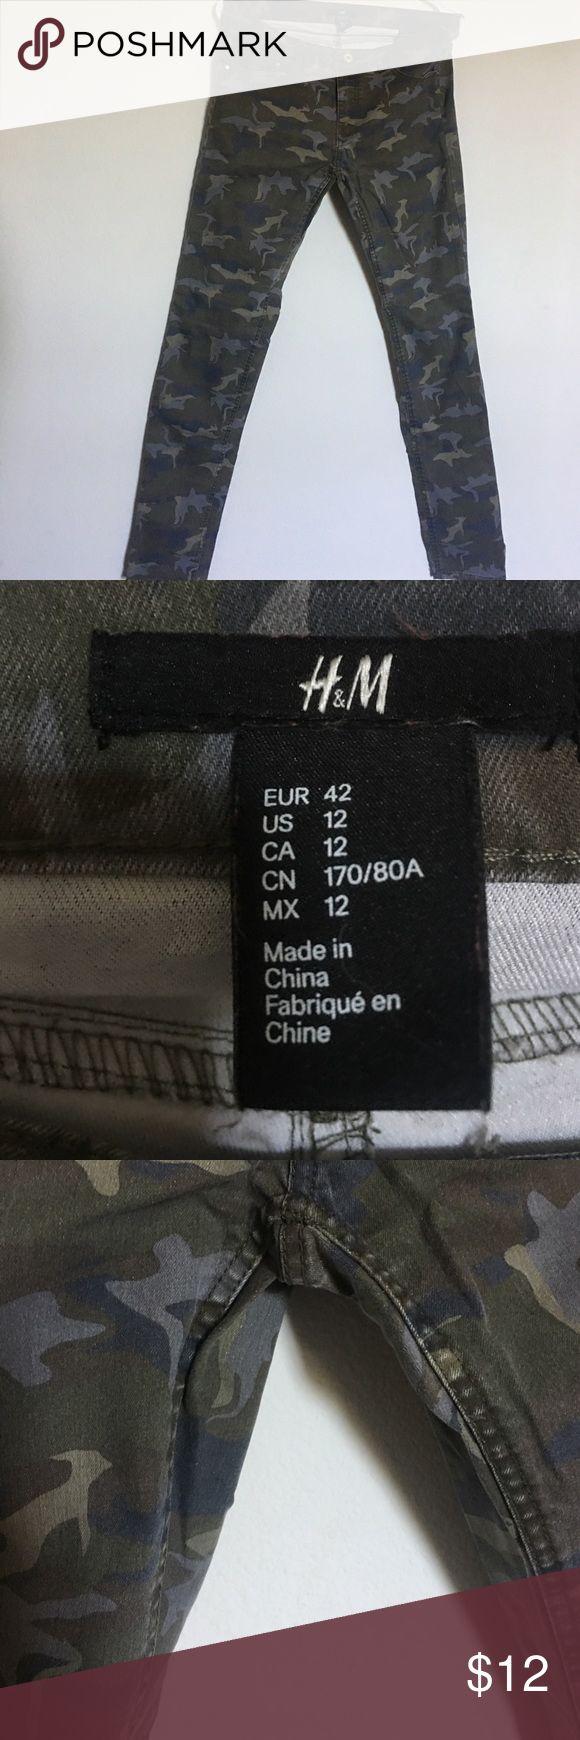 H&M Camo Skinny Pants. H&M camo skinny pants. Size 12. H&M Pants Skinny